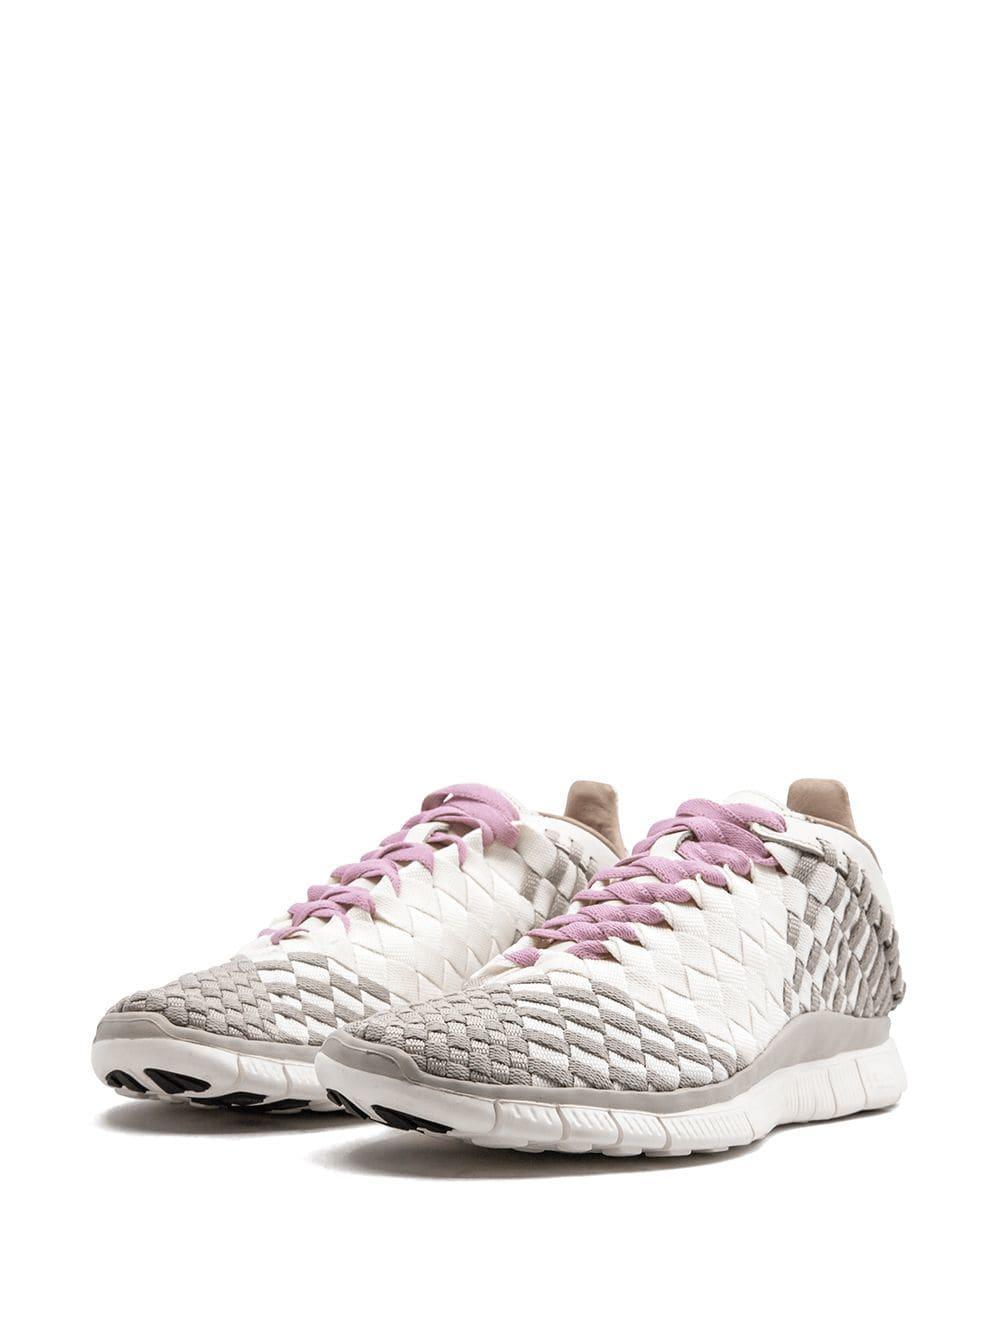 e17033743b35 Nike - White Free Inneva Woven Trainers - Lyst. View fullscreen